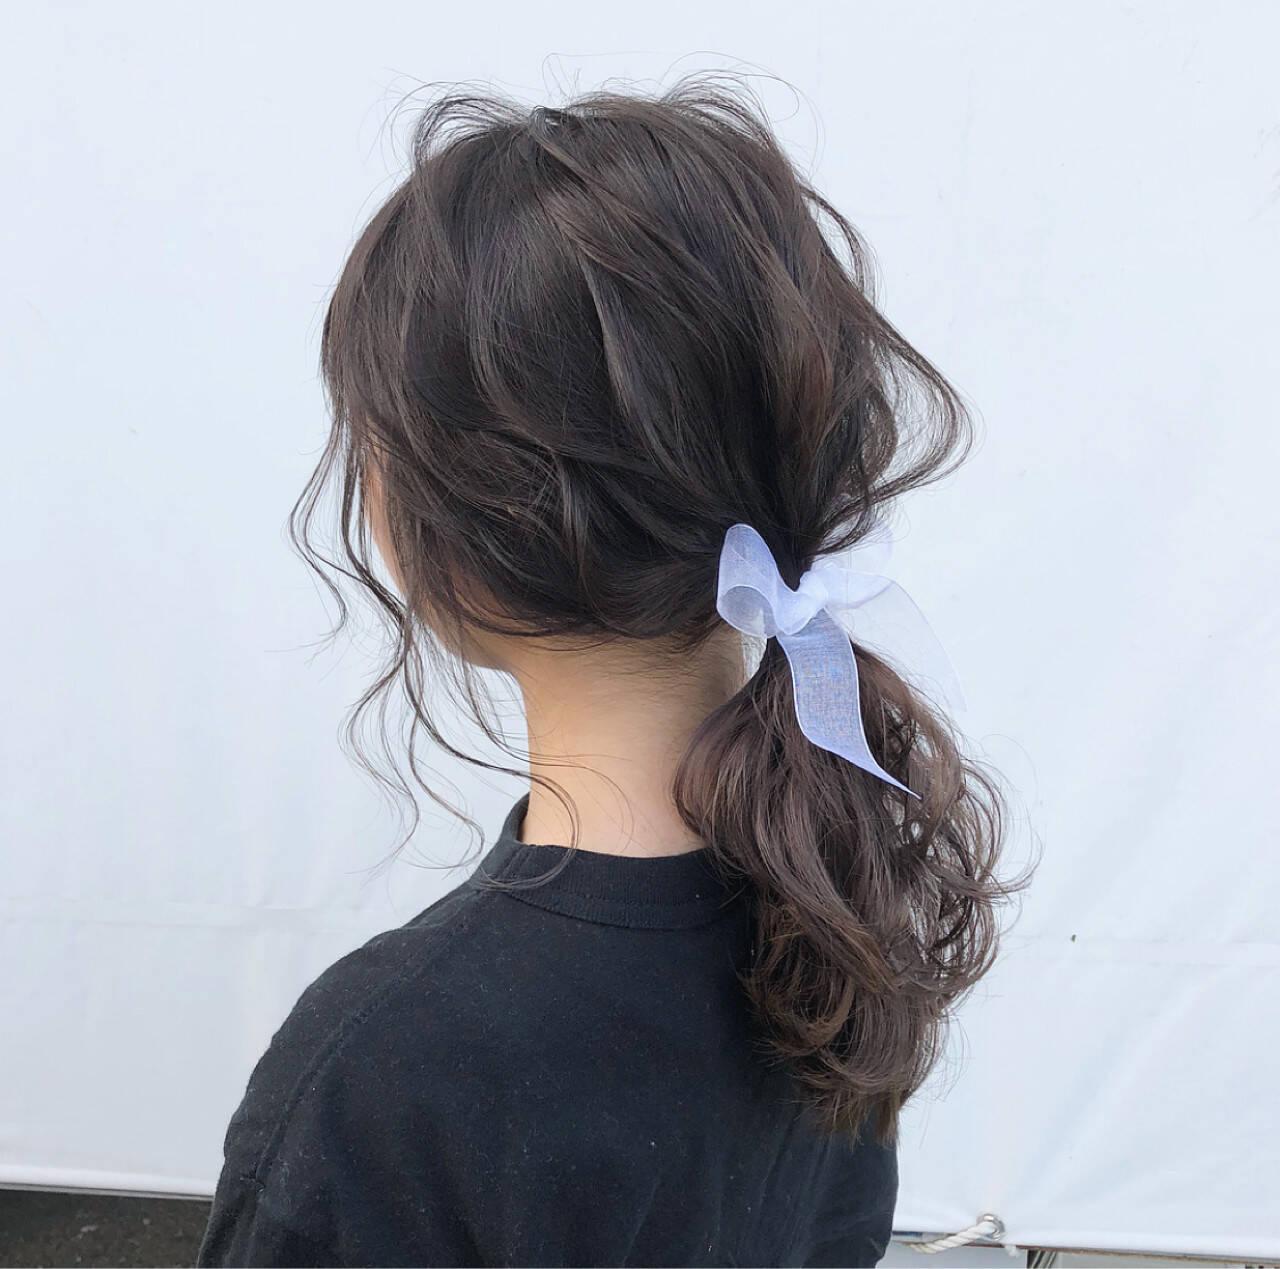 ヘアアレンジ セミロング ナチュラル ローポニーテールヘアスタイルや髪型の写真・画像